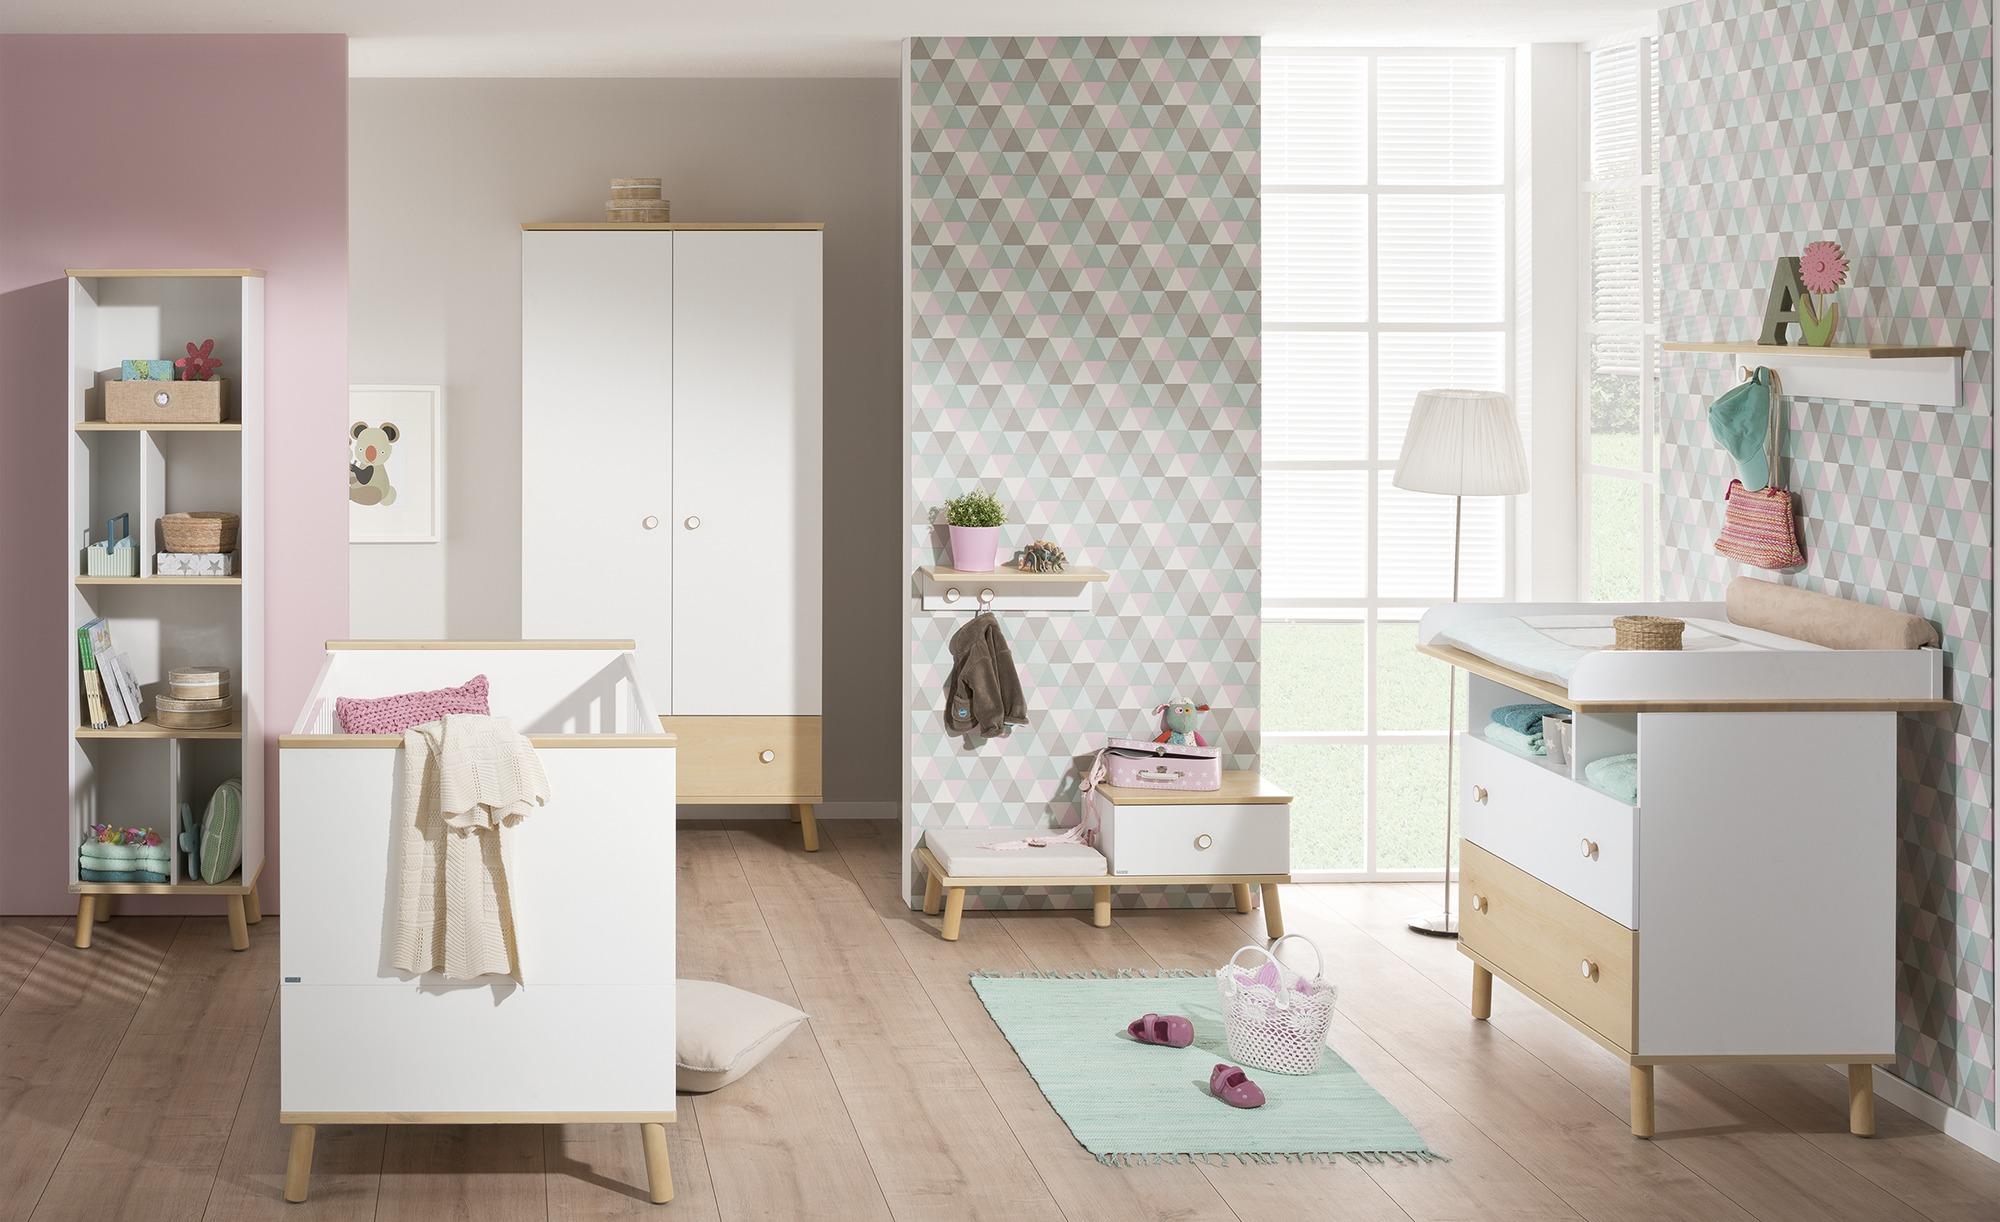 Babyzimmer-Möbel 'Ylvie' - das Babyzimmer im skandinavischen Stil